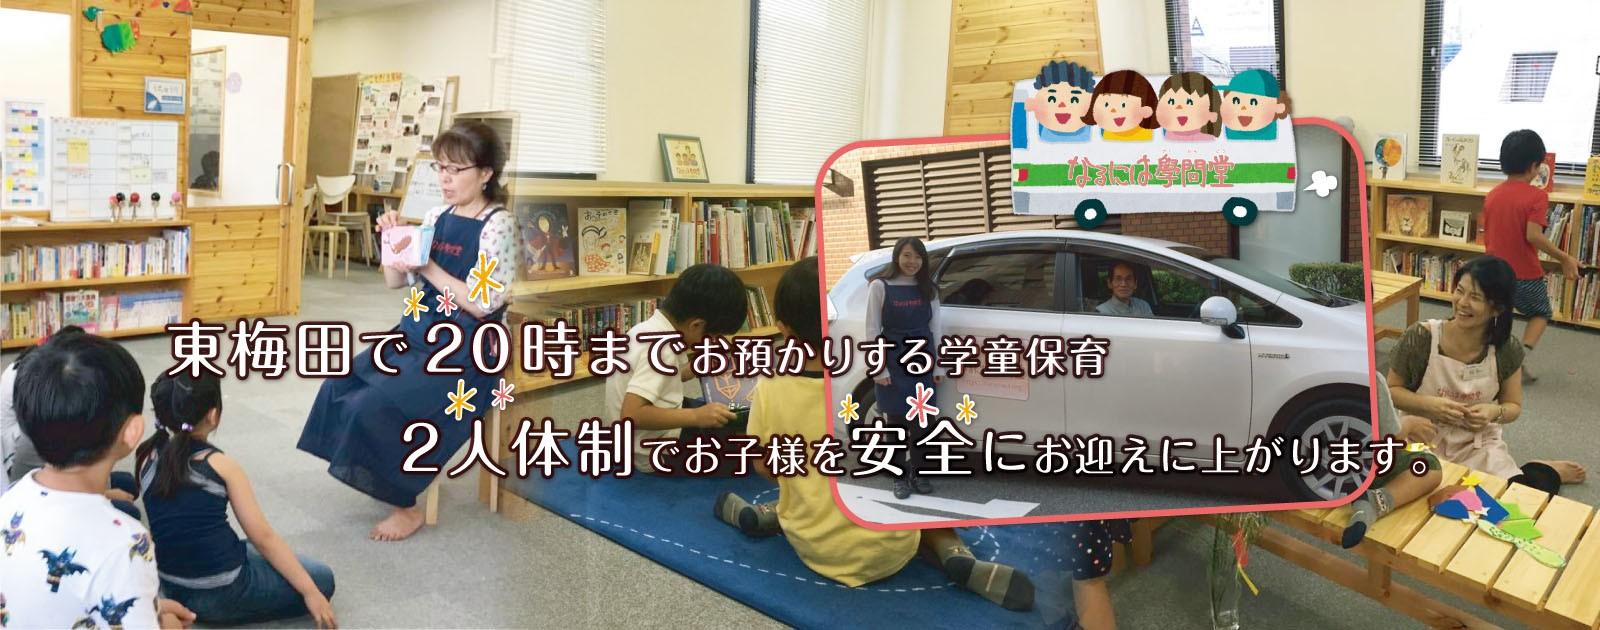 東梅田で20時までお預かりする学童保育 2人体制でお子様を安全にお迎えに上がります。